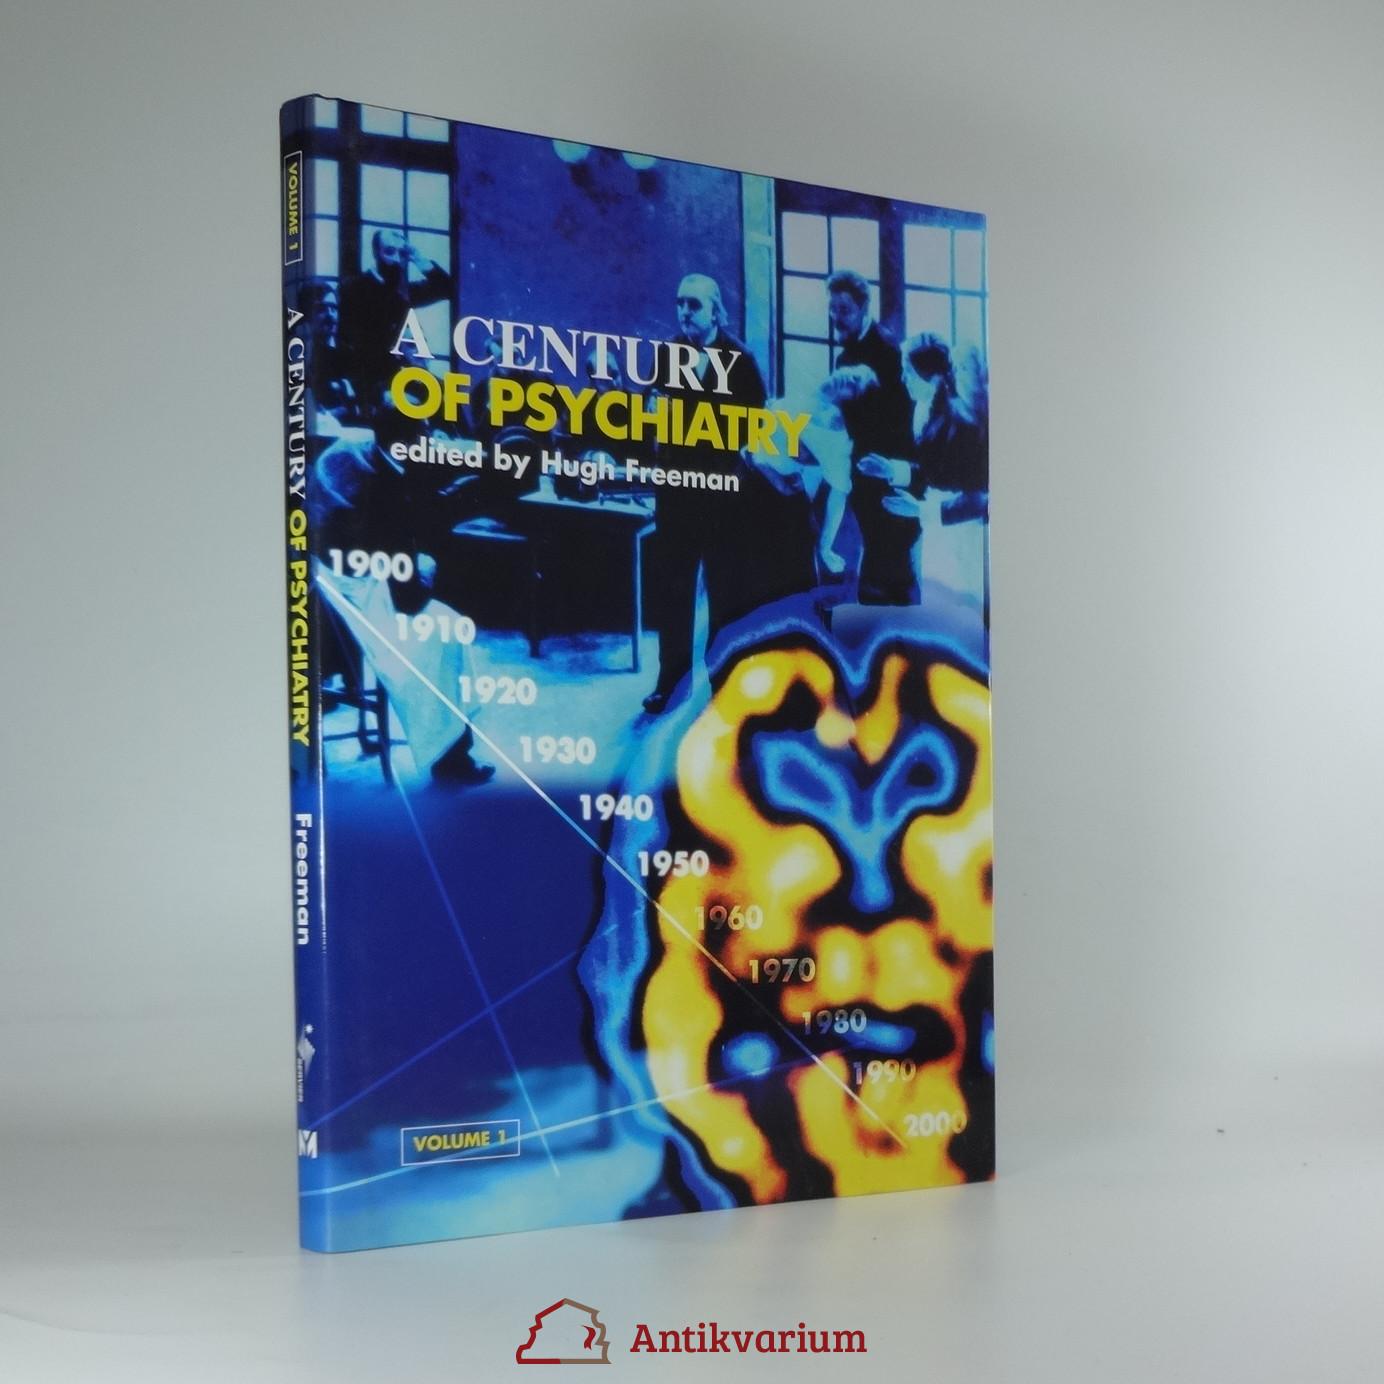 antikvární kniha A Century of Psychiatry, 1999